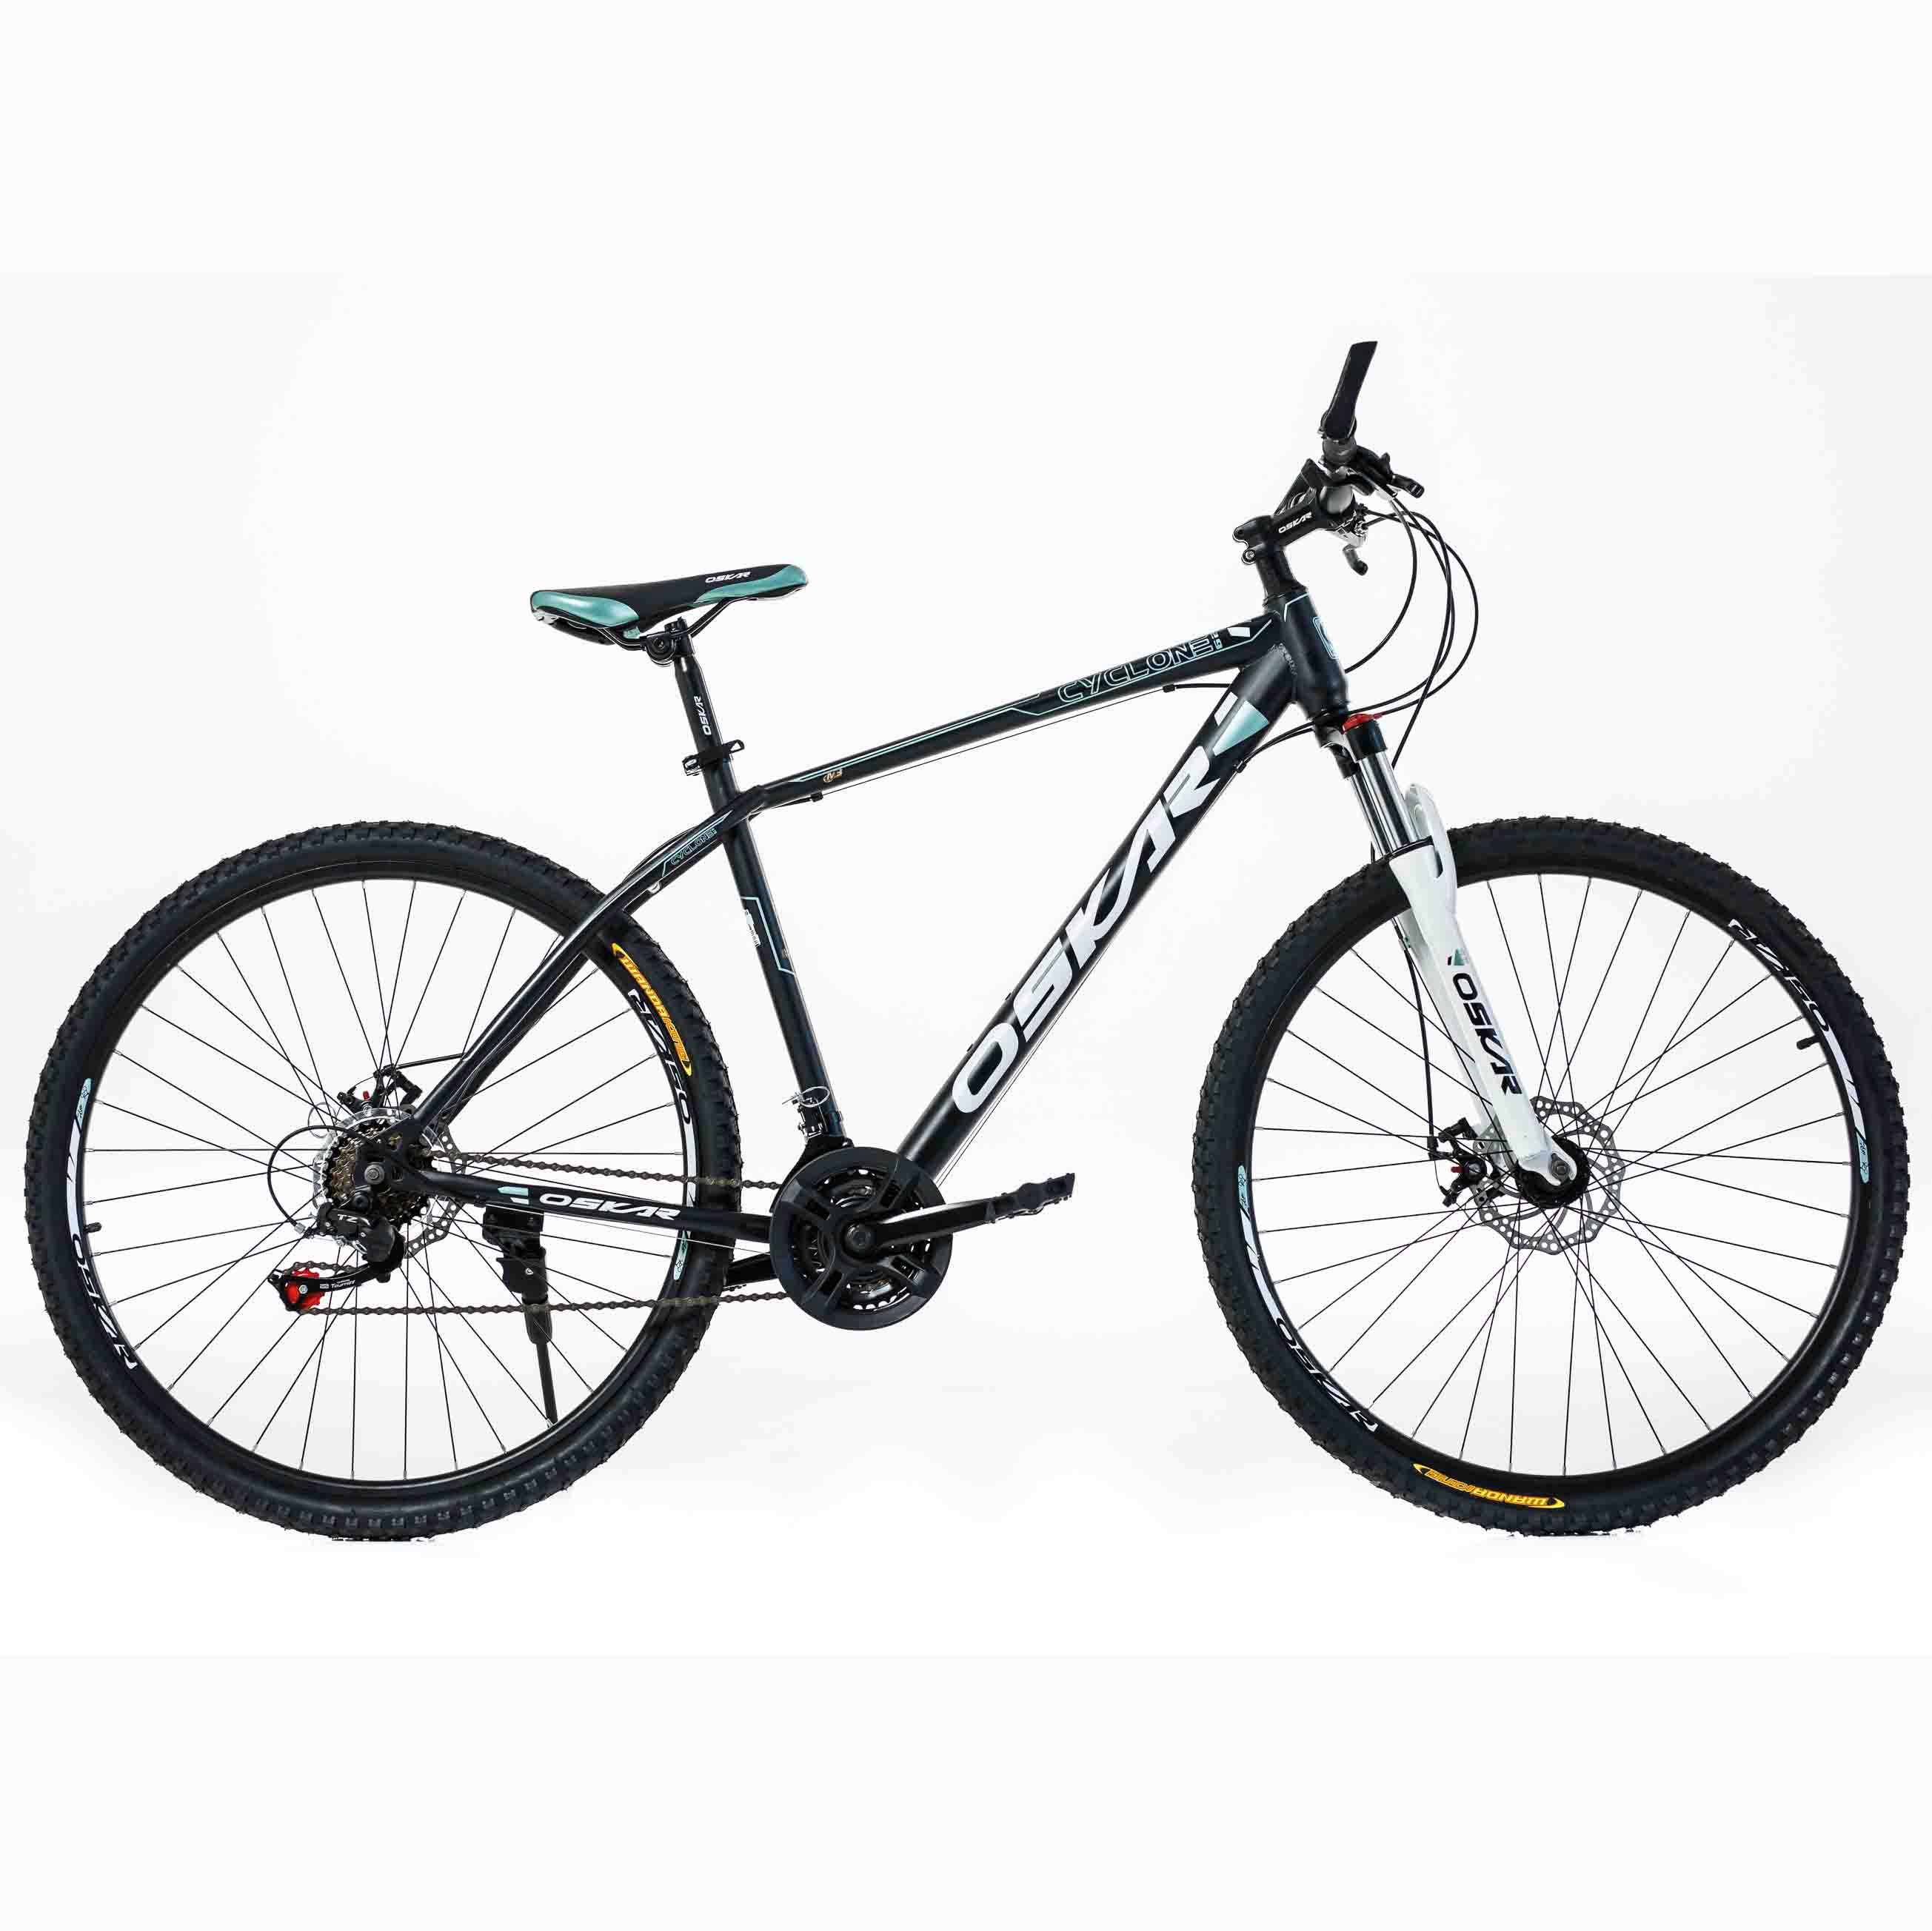 Фото Горный Велосипед Oskar 1616 29 черный